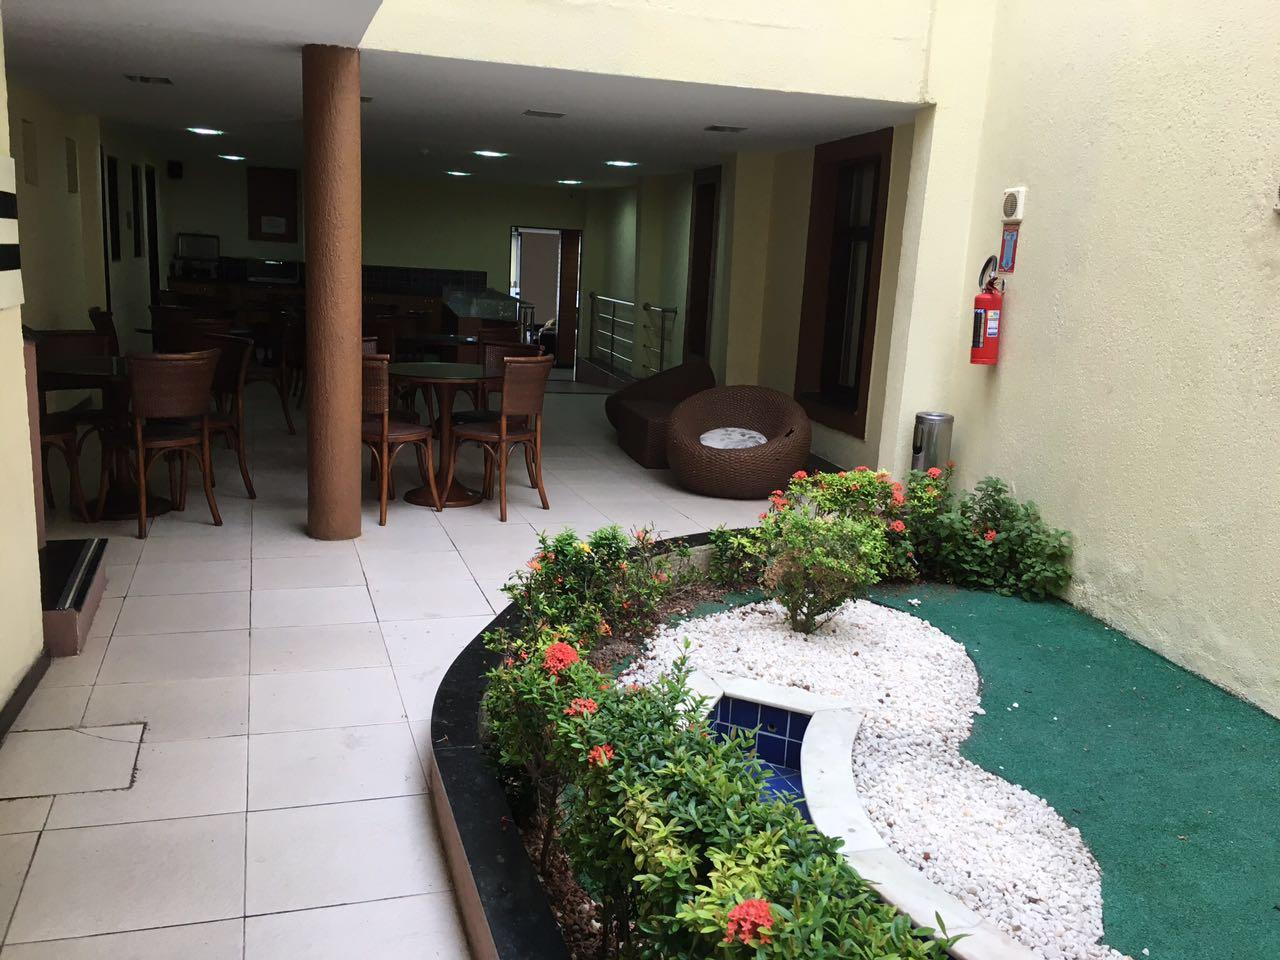 hotel italia area de dentro de baixo